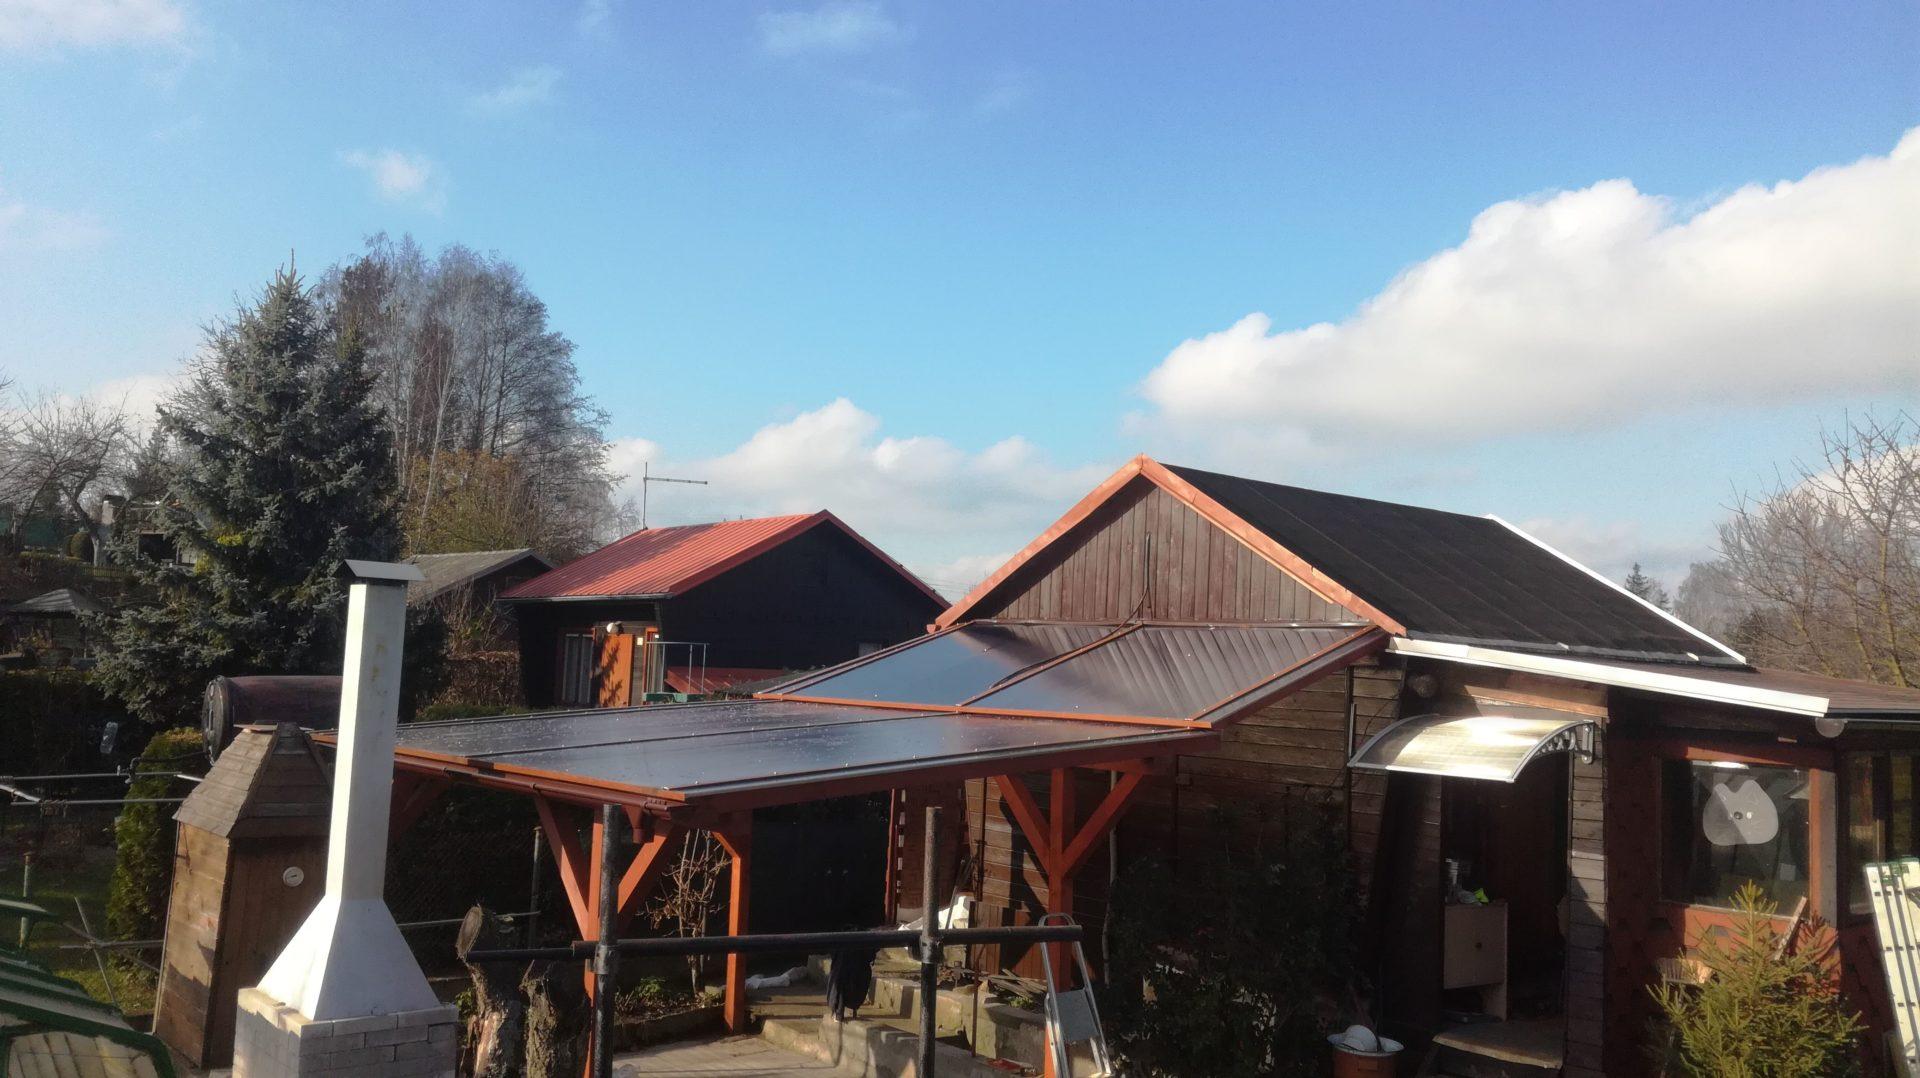 Dřevěná pergola s využitím druhé střechy, jako zastřešení vstupu do sklepa. Místek